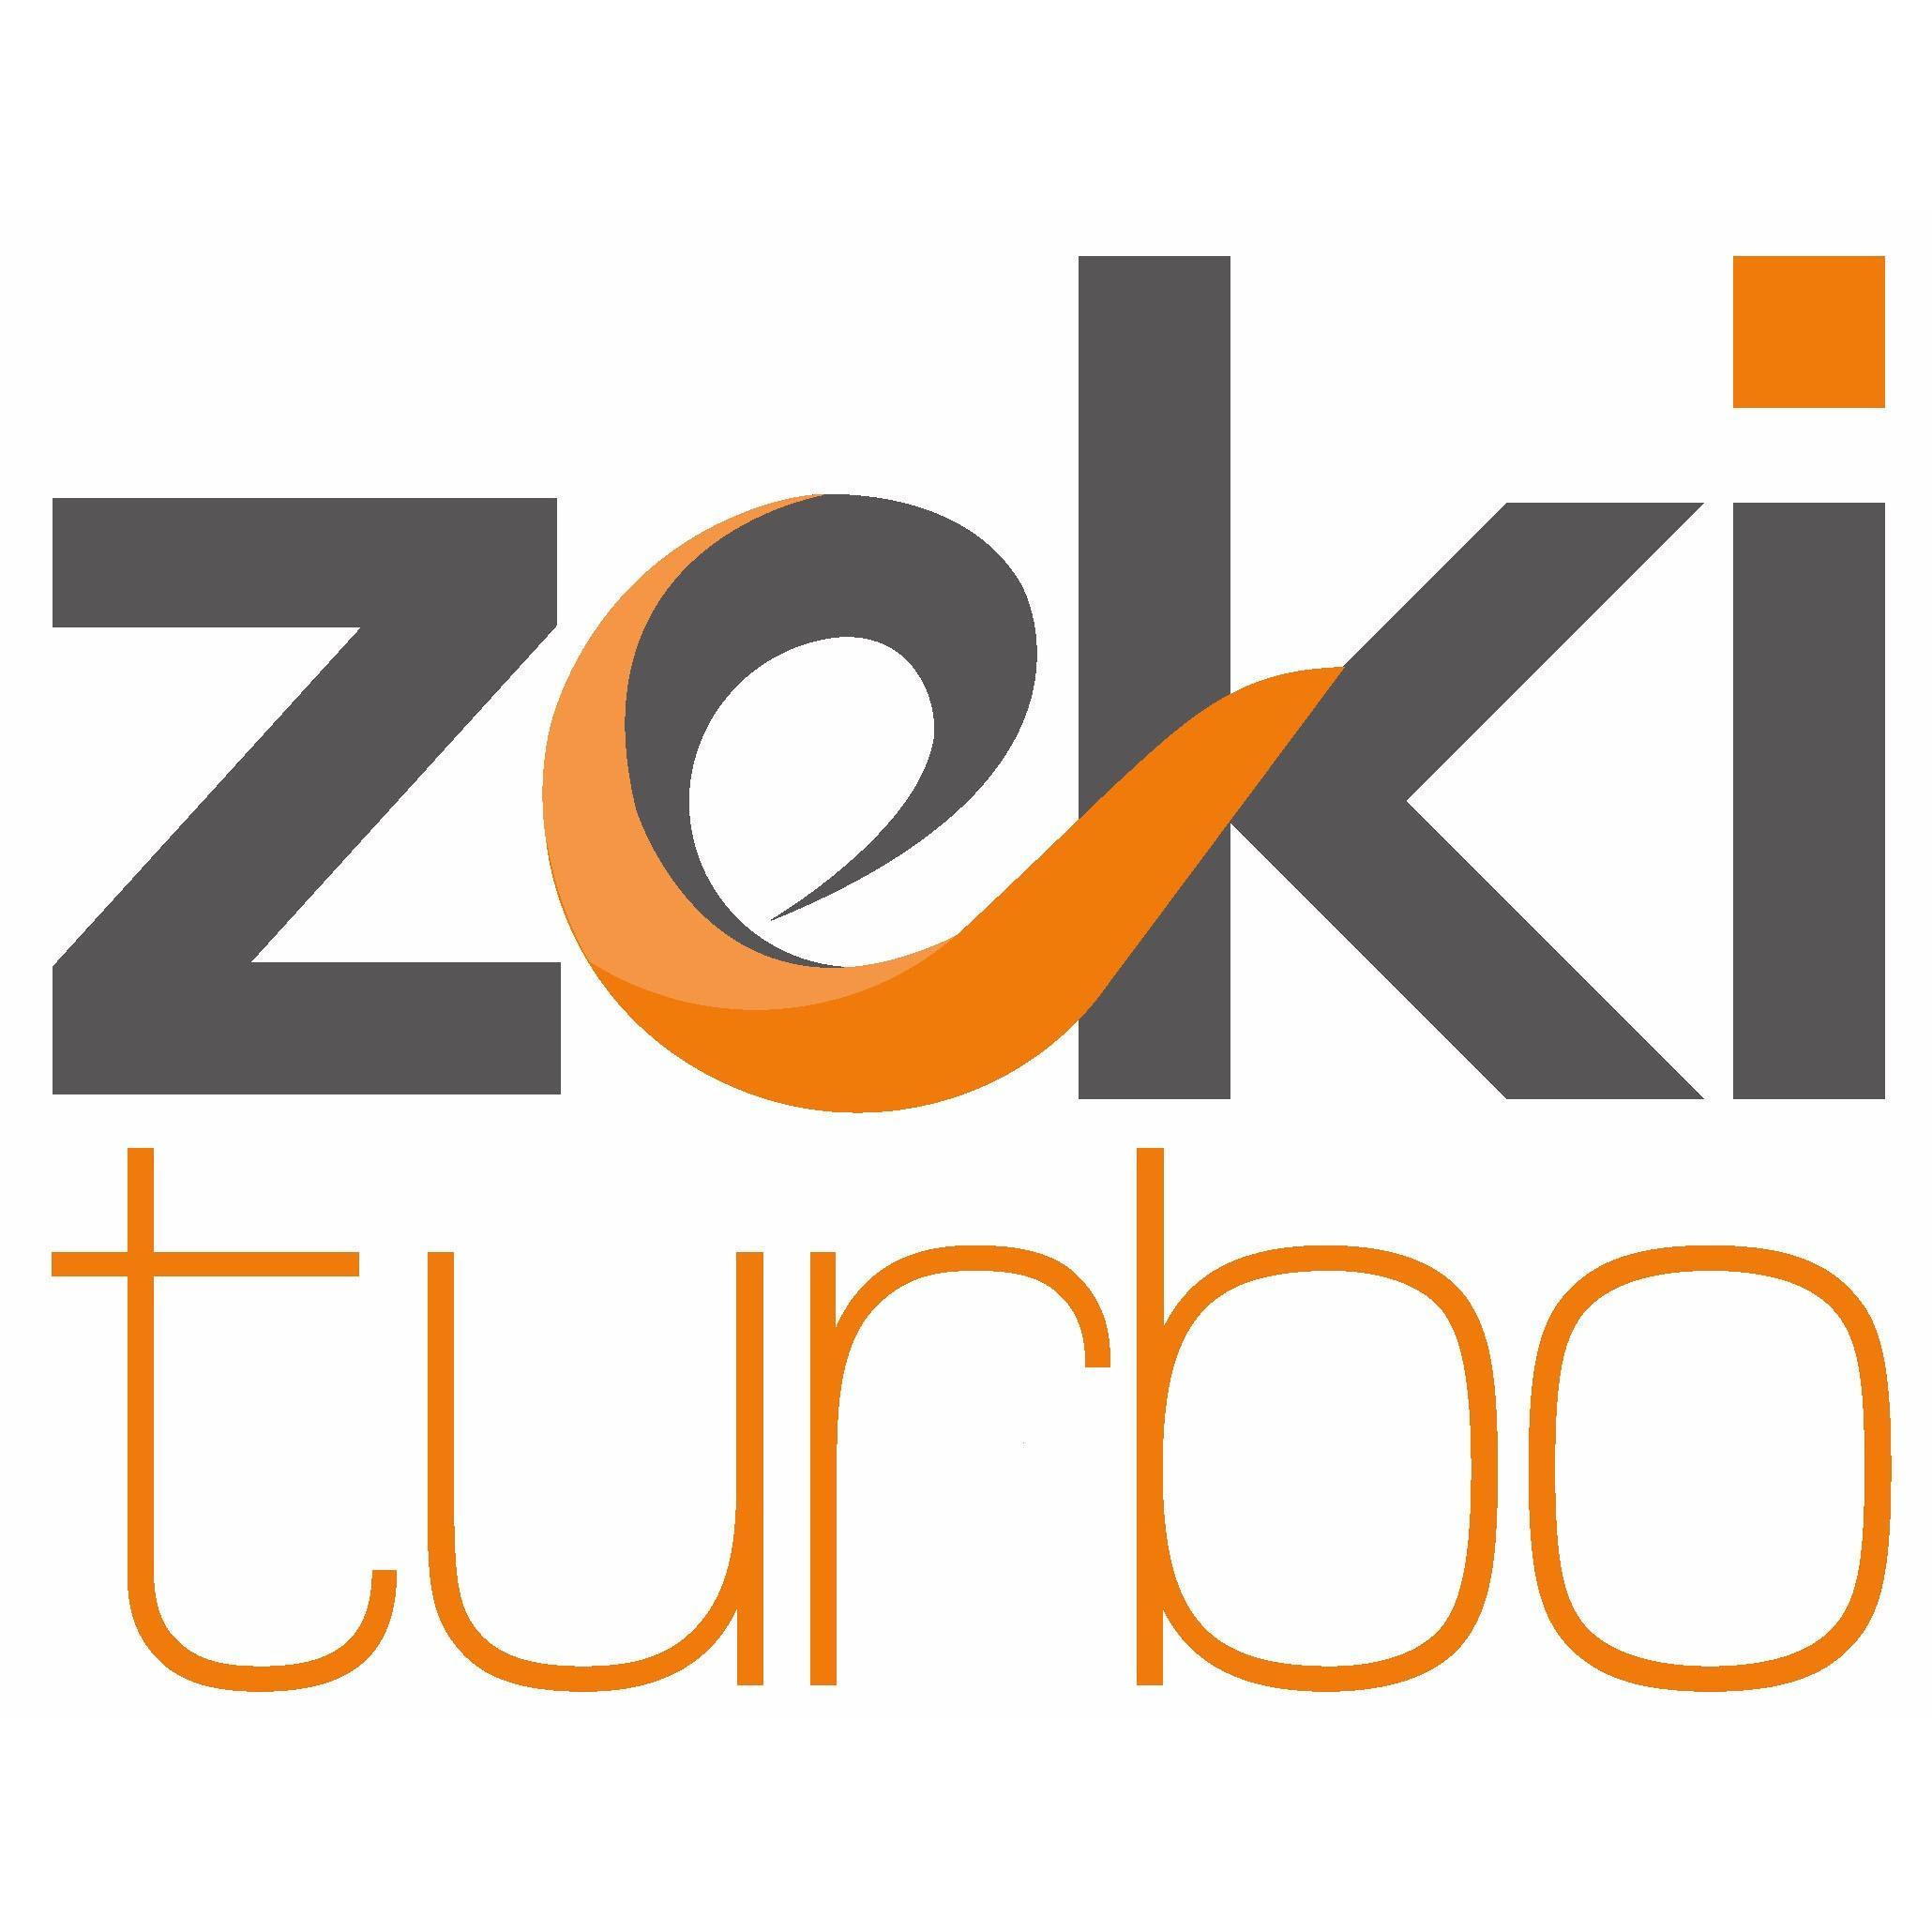 Zeki Turbo - Miami, FL - Auto Parts